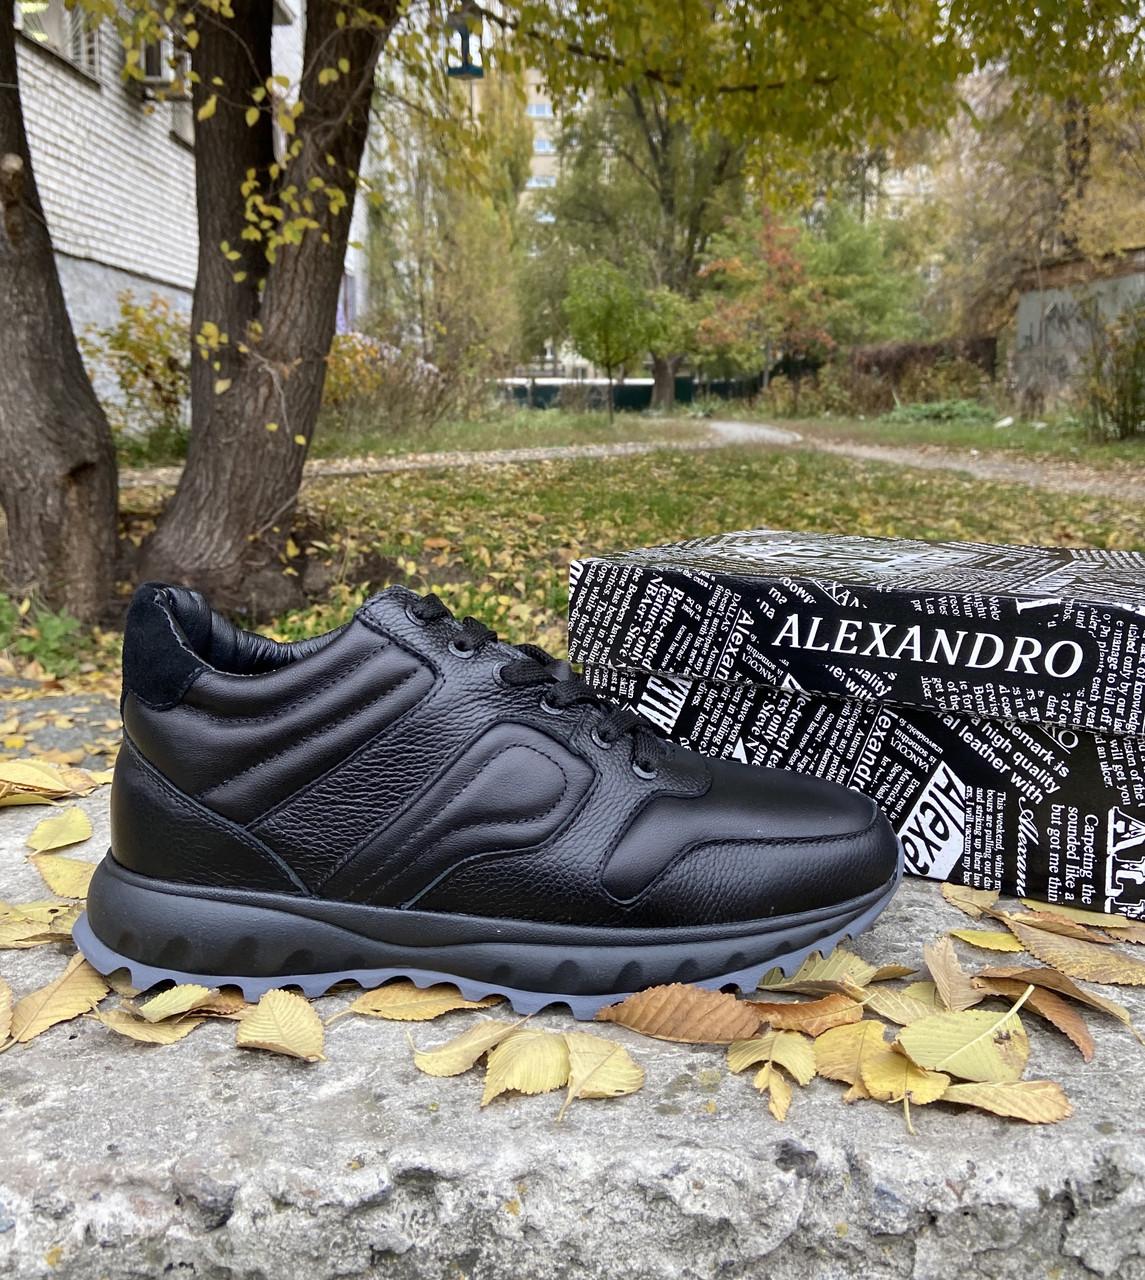 Мужские зимние кроссовки ALEXANDRO натуральная кожа 41